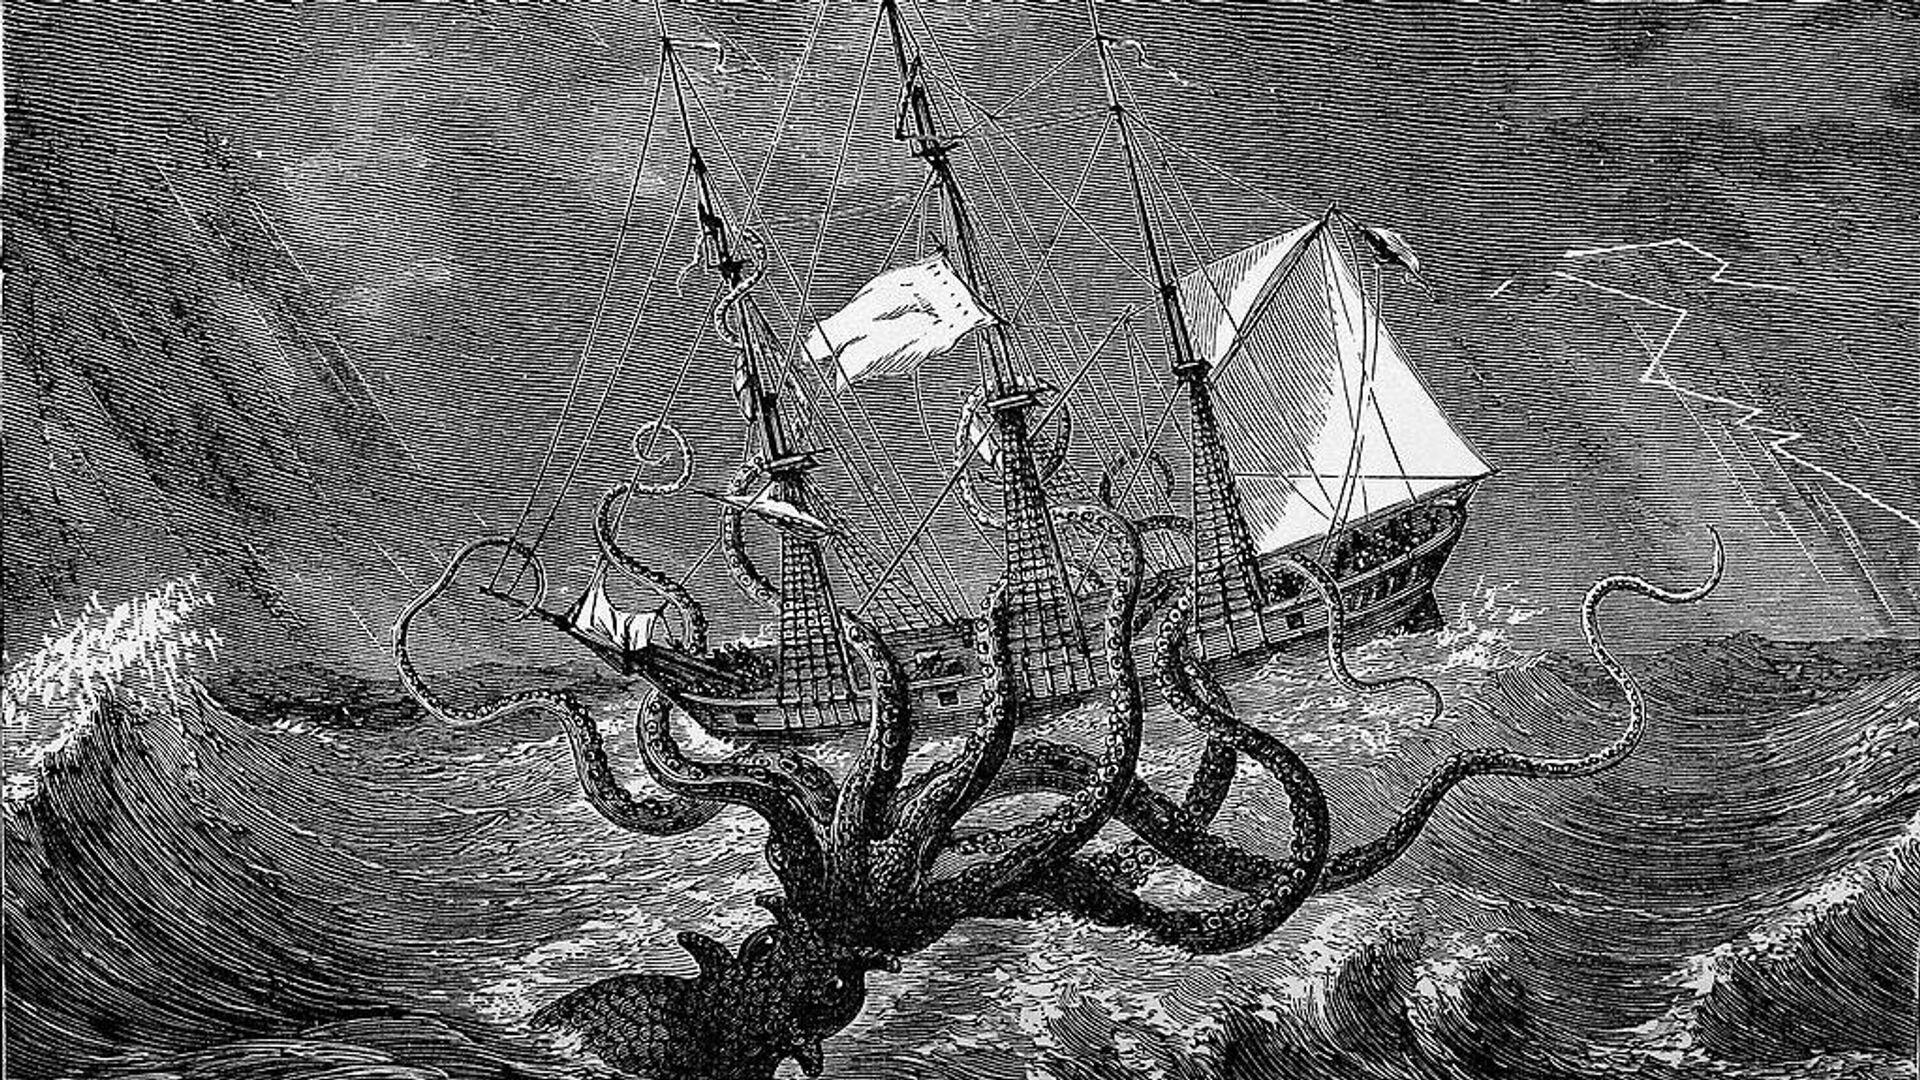 Illustrazione circa del 1800 dove un polpo gigante attacca una nave  - Sputnik Italia, 1920, 07.06.2021